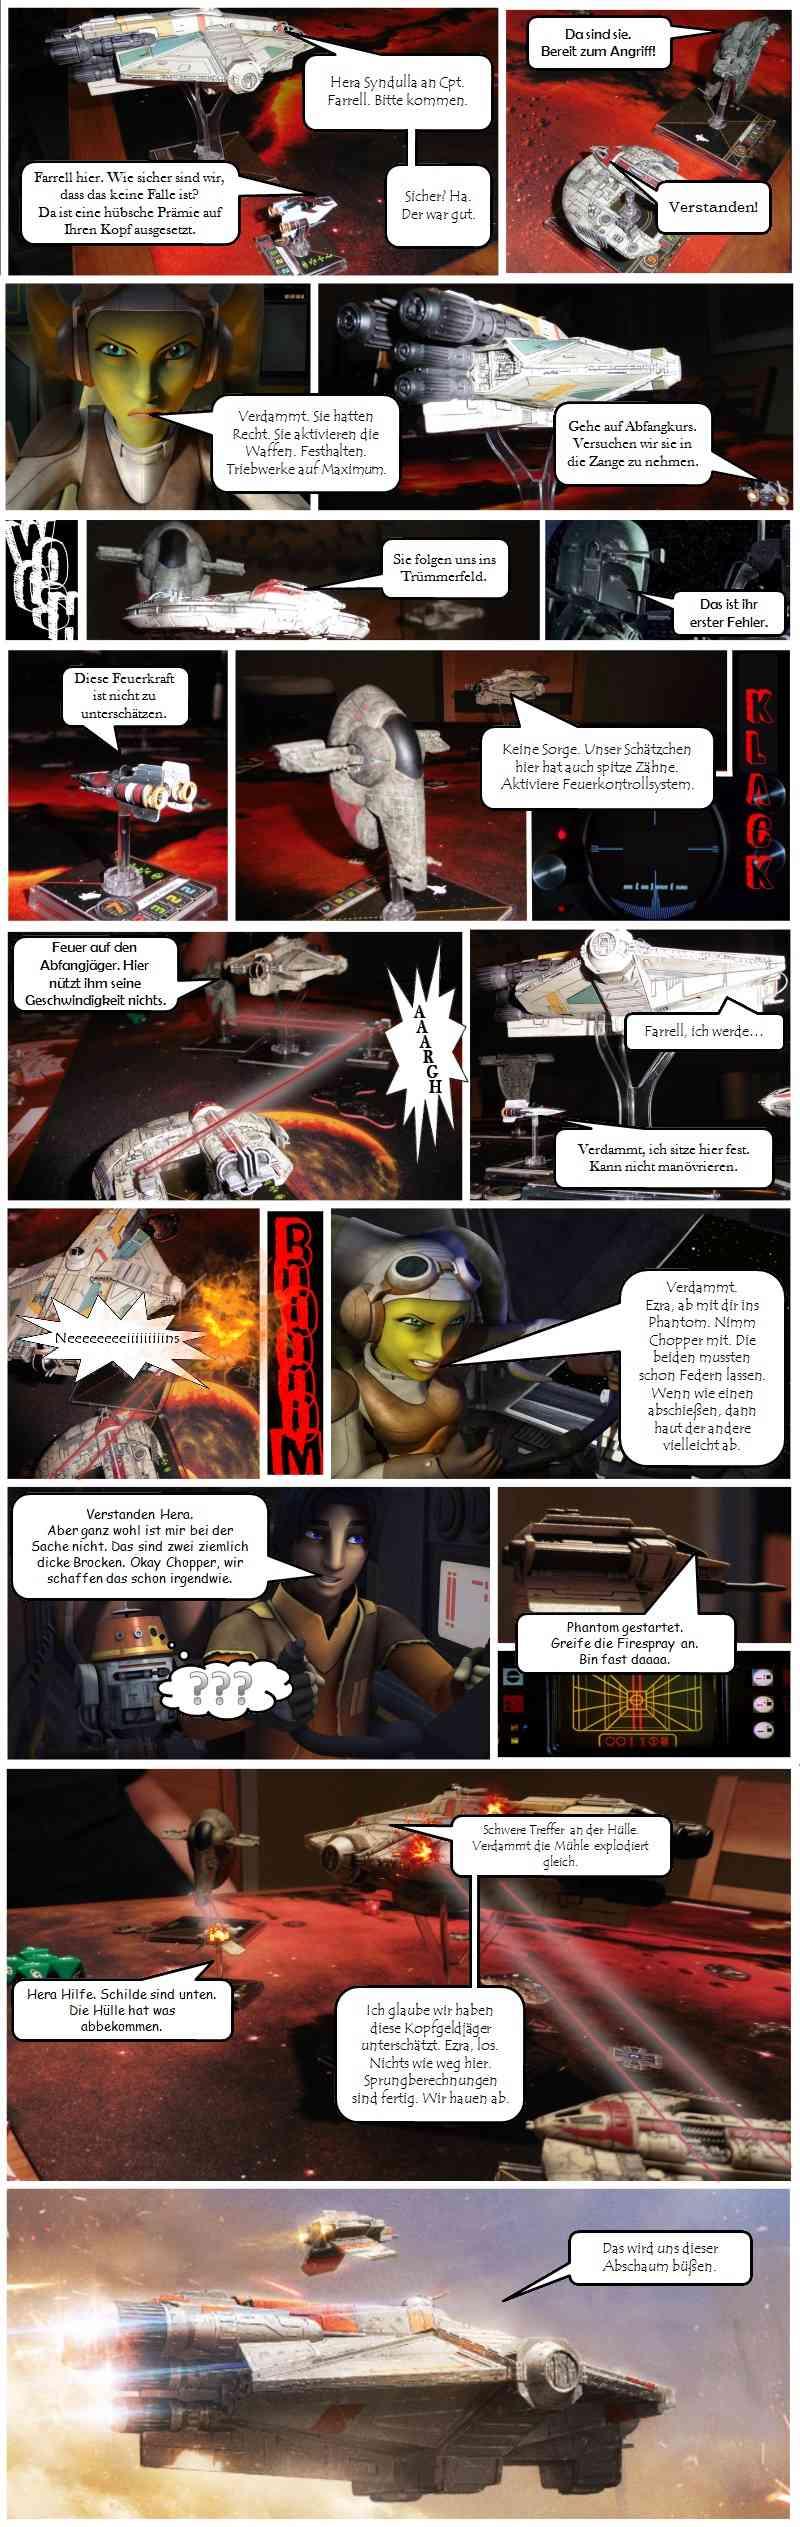 Datenhandel oder Falle...Hera und Jake im Comicstil Comic_10